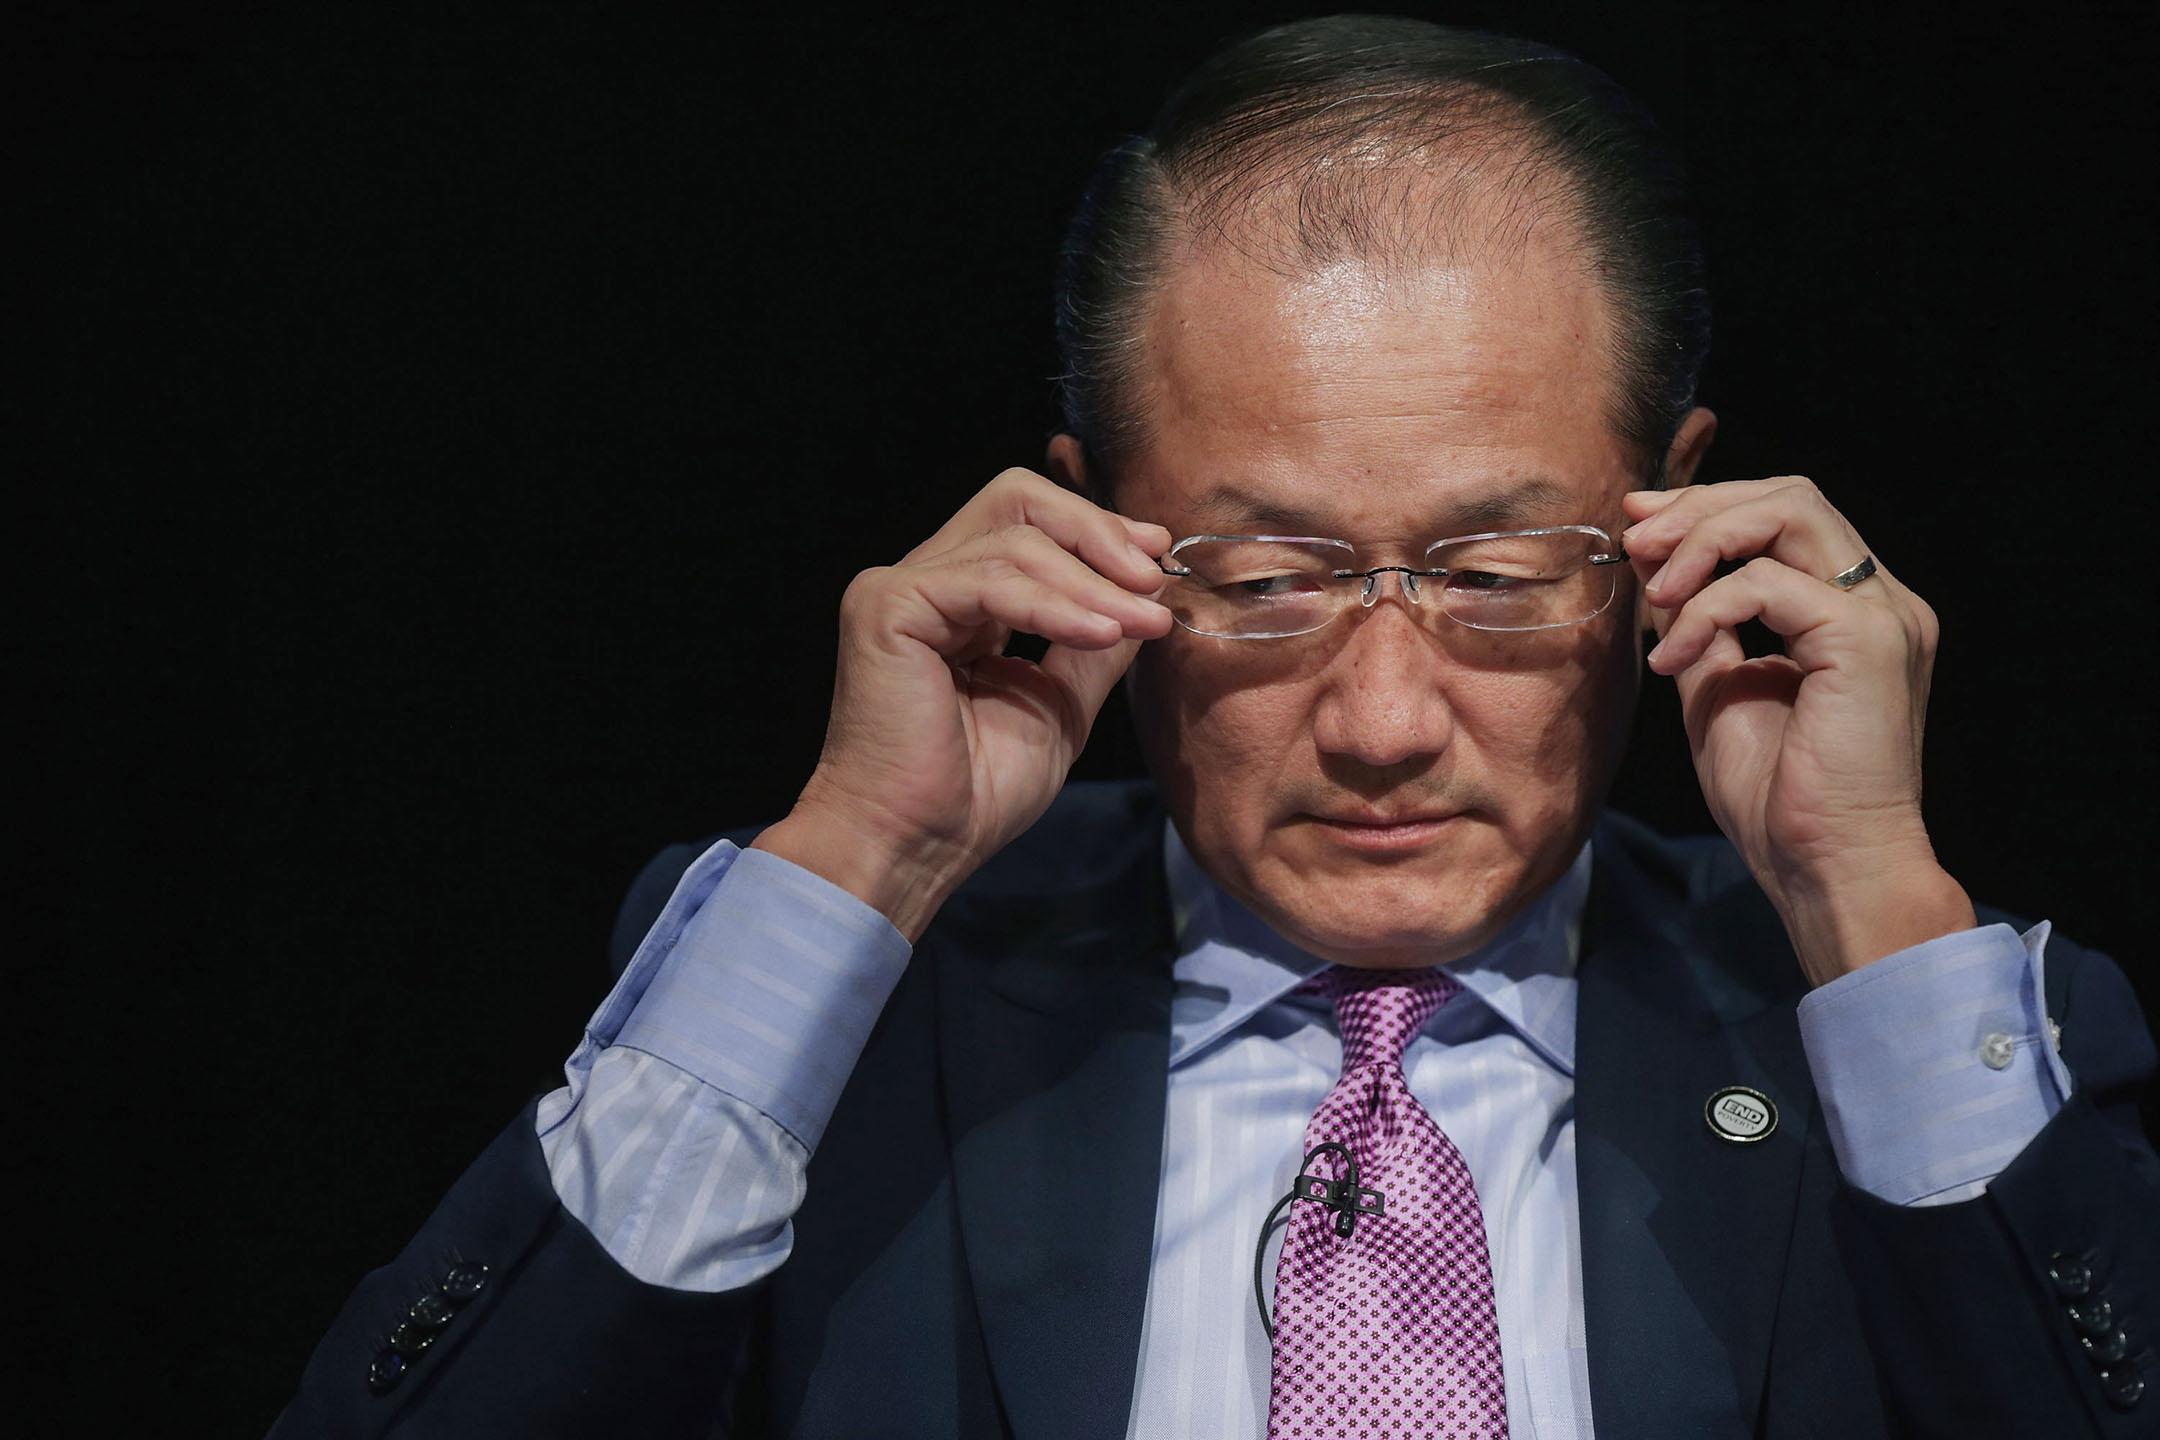 1月7日,世界銀行行長金墉(Jim Yong Kim)在向全體員工發出的一封電子郵件中表示,自己將於2月1日正式離職。  攝:Chip Somodevilla/Getty Images